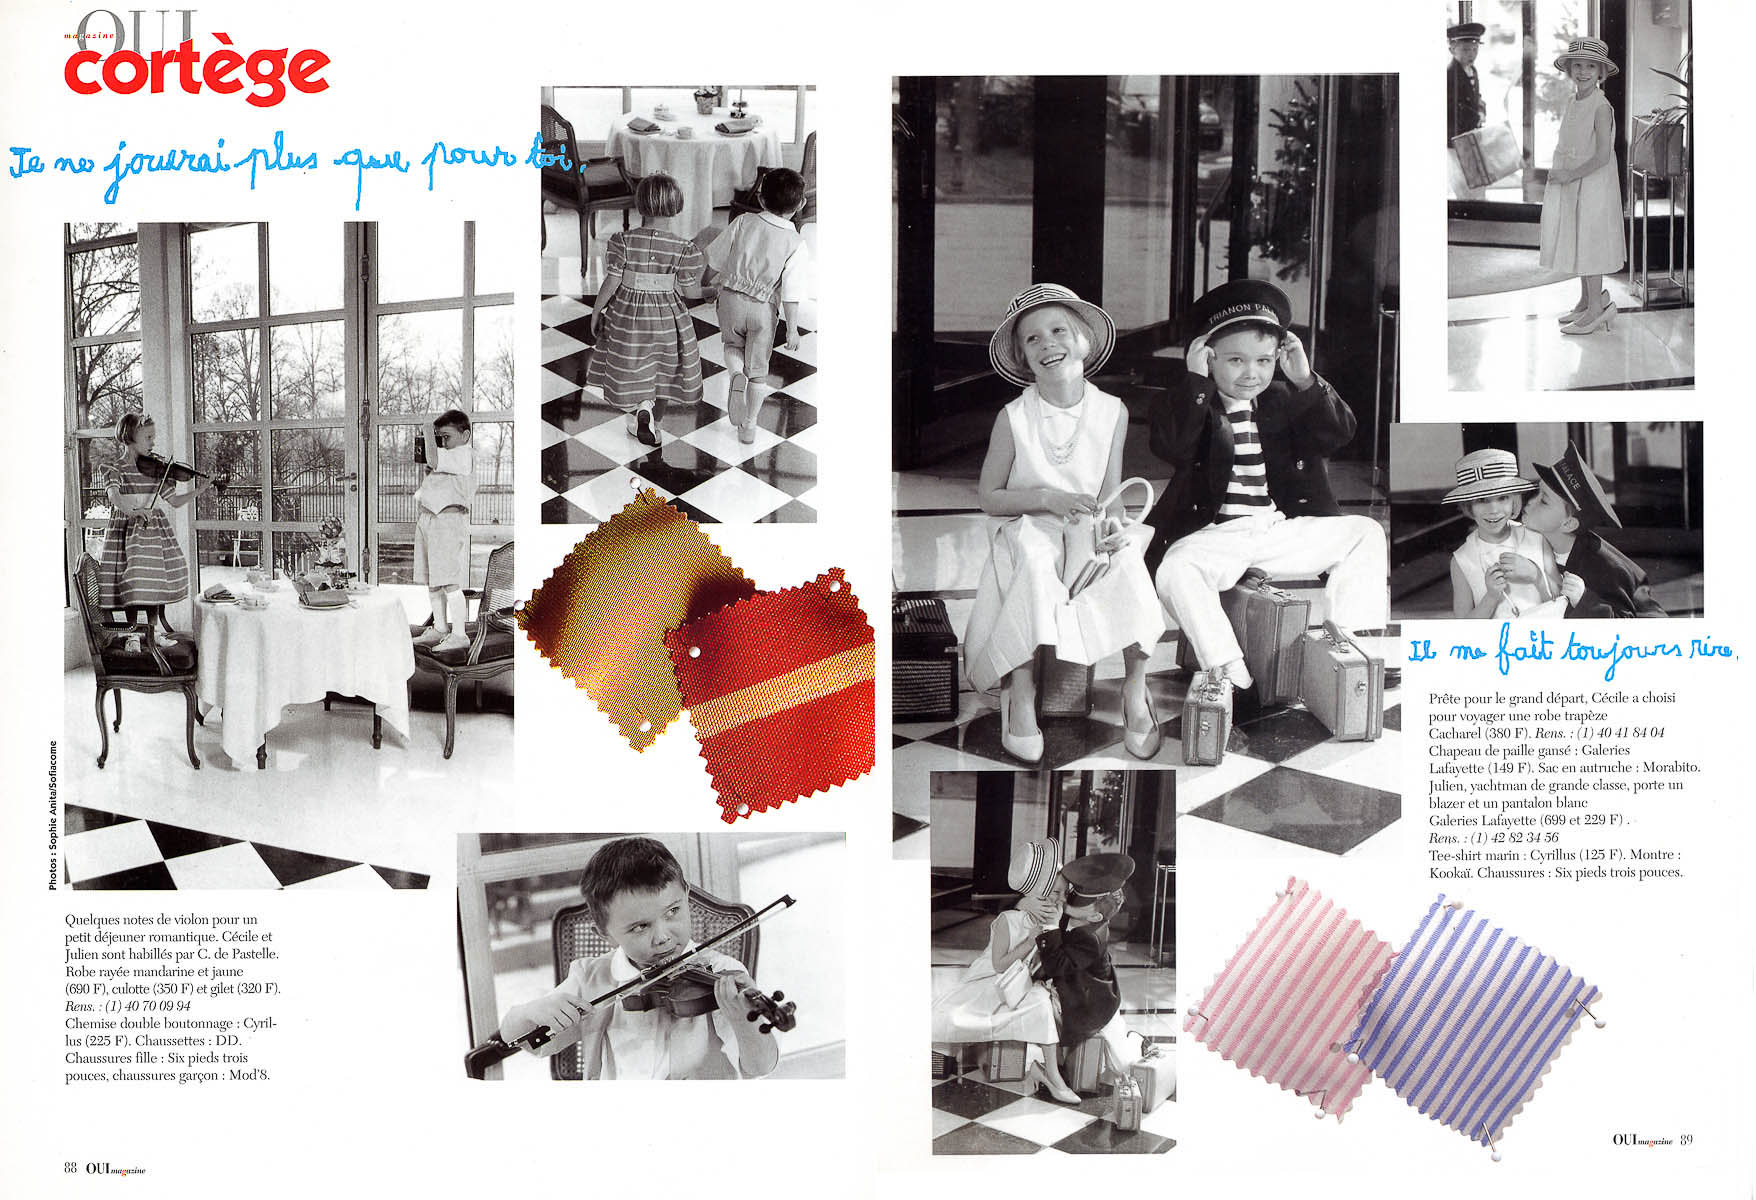 Sélectionnée par Oui Magazine pour des photos de mode